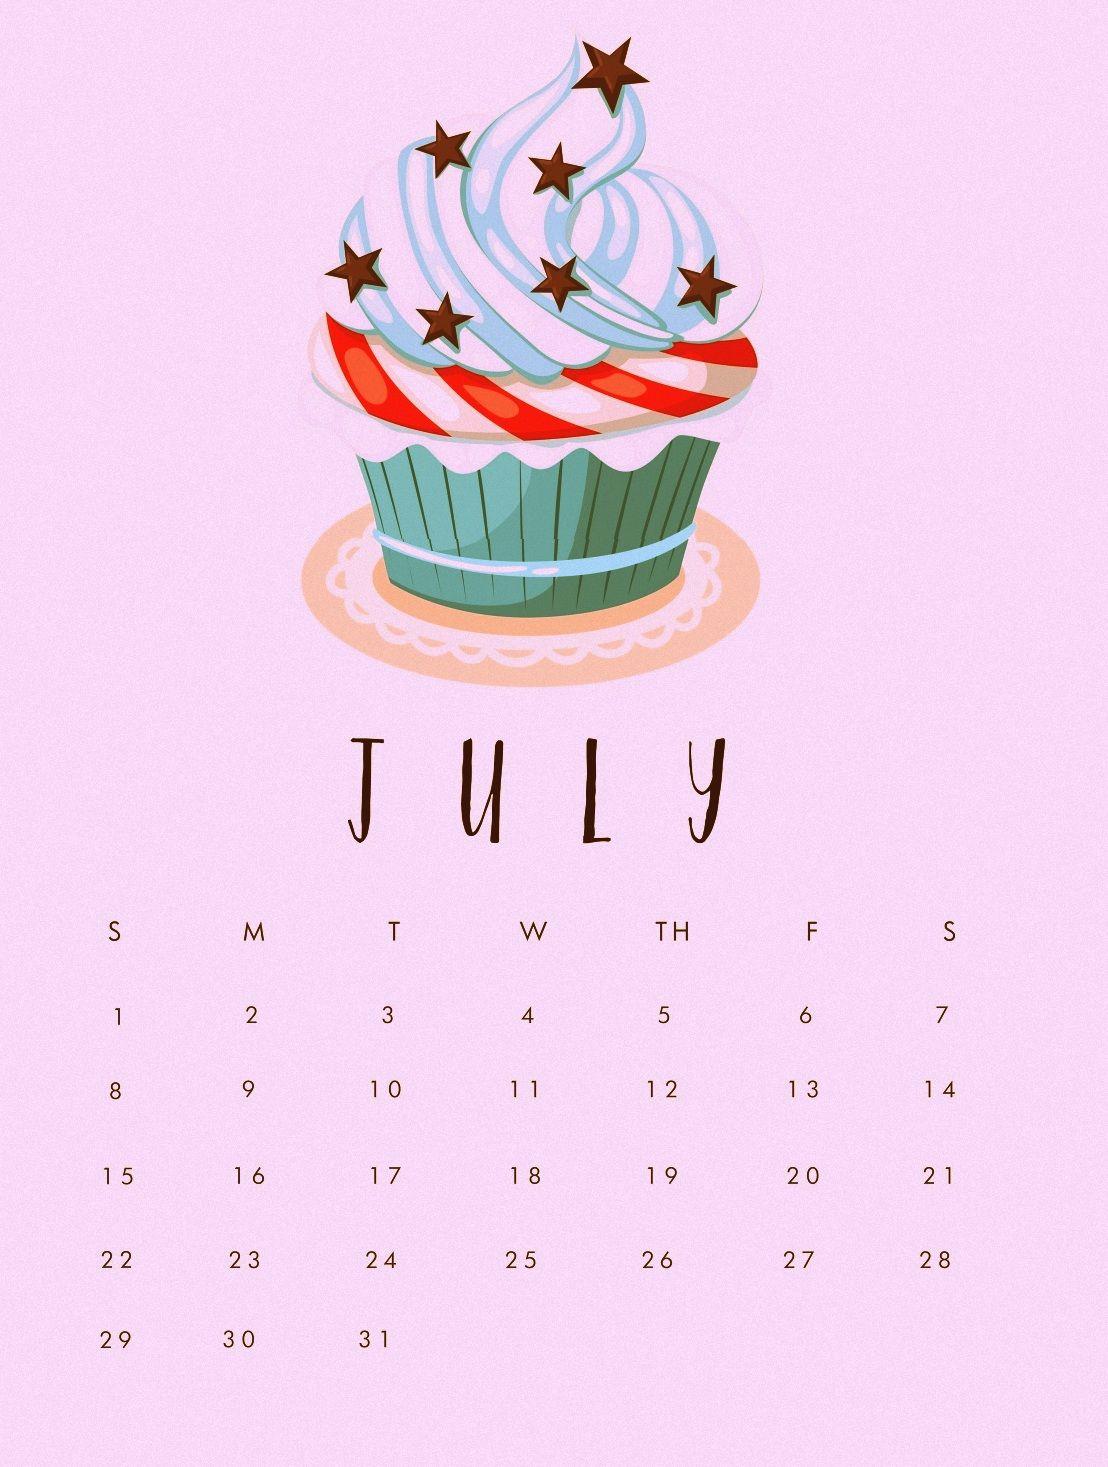 July 2018 Calendar Mobile Wallpaper 2018 Calendars Calendar 1108x1467